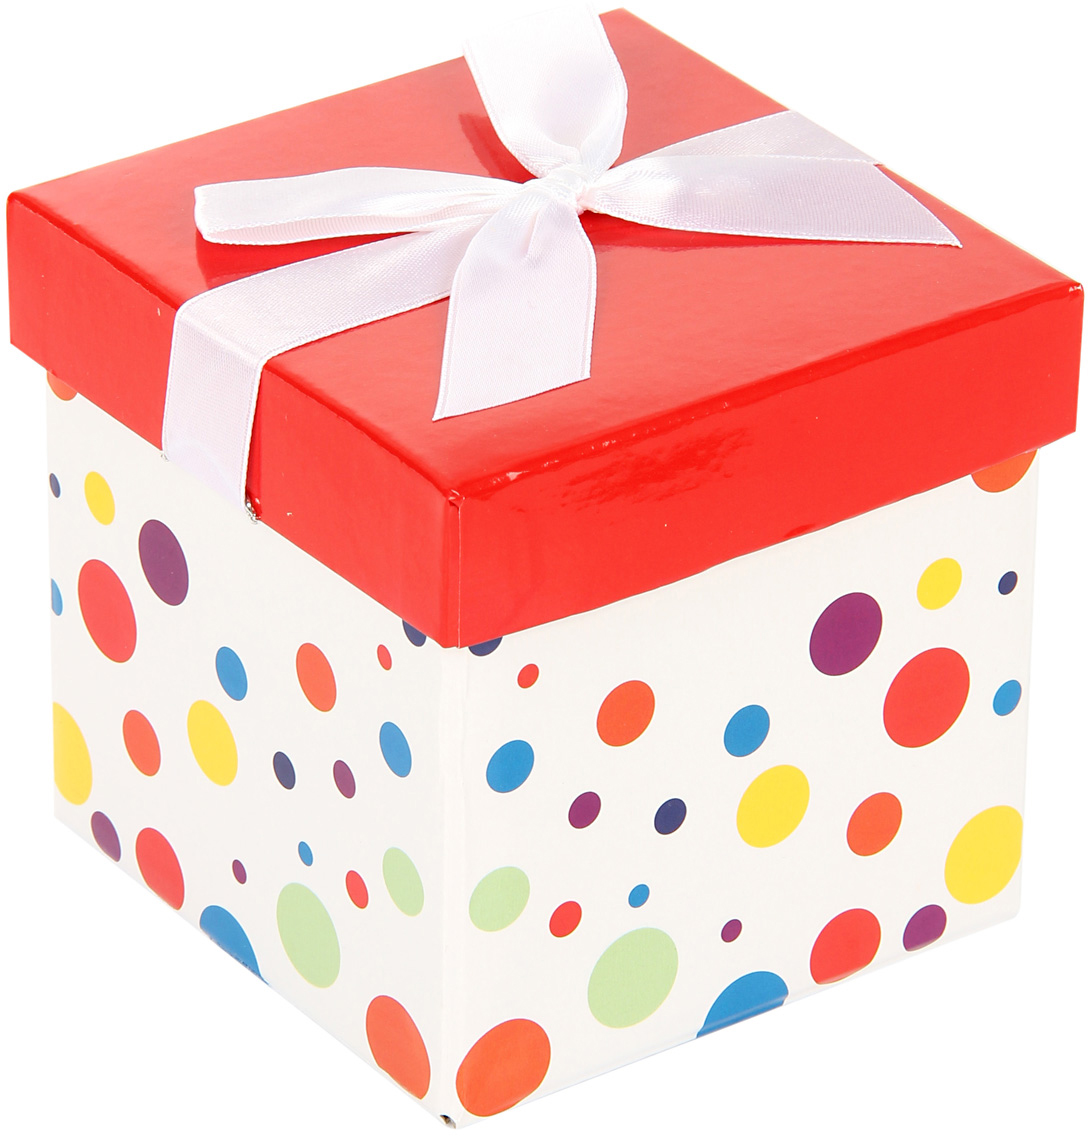 Коробка подарочная Veld-Co Giftbox. Трансформер. Разноцветные горошки, цвет: белый, 10,3 х 10,3 х 9,8 см коробка подарочная veld co giftbox трансформер фиолетовые завитки цвет сиреневый 25 5 х 25 5 х 25 см